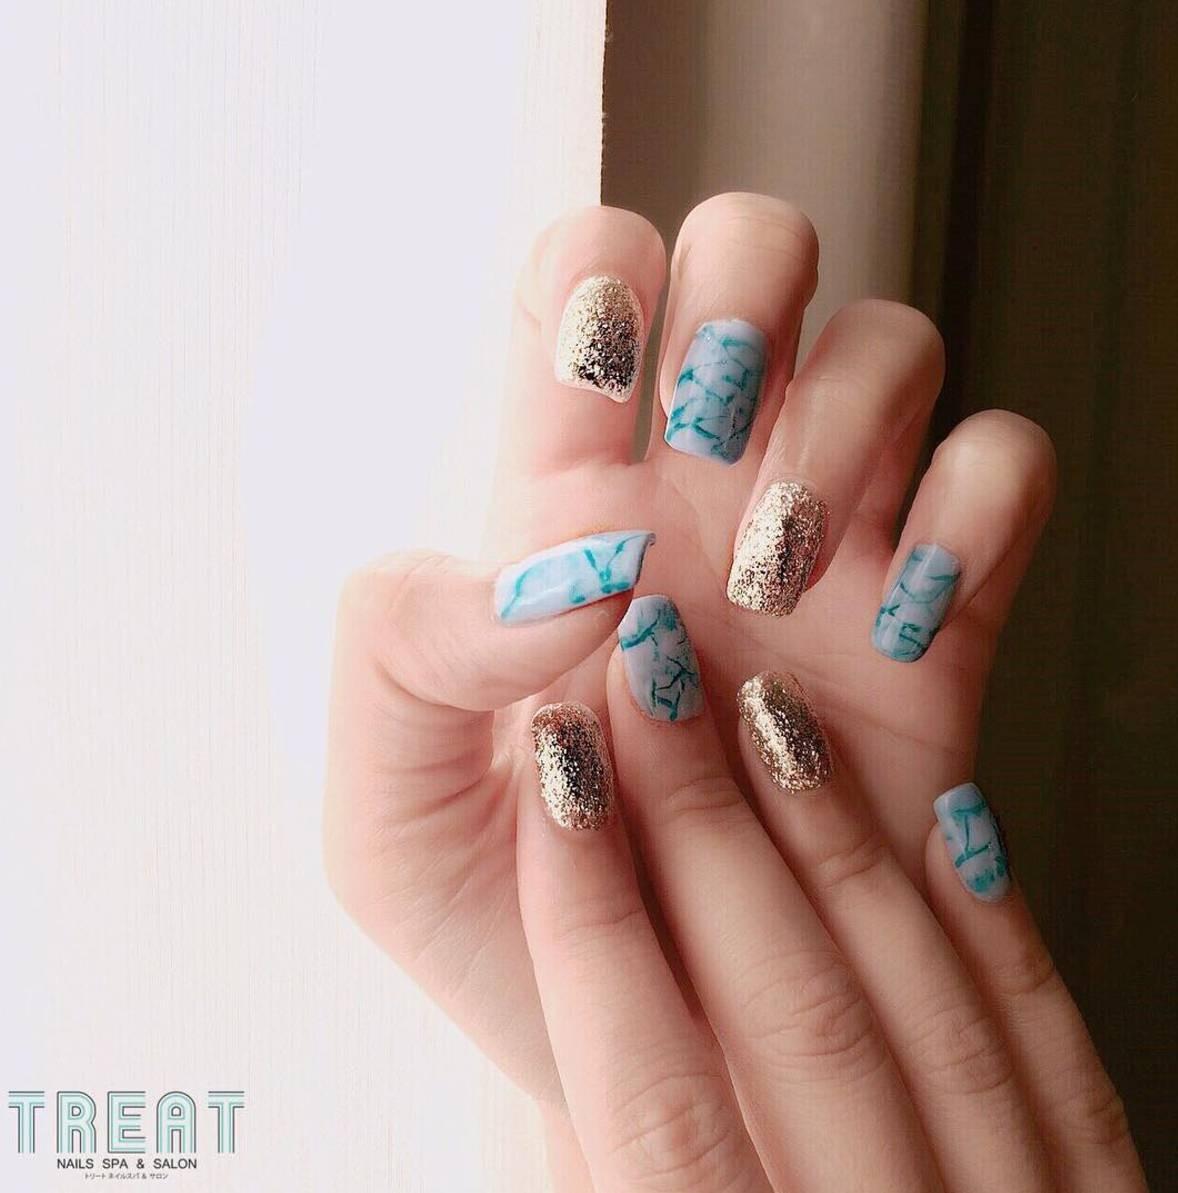 Treat nail salon Thonglor 12